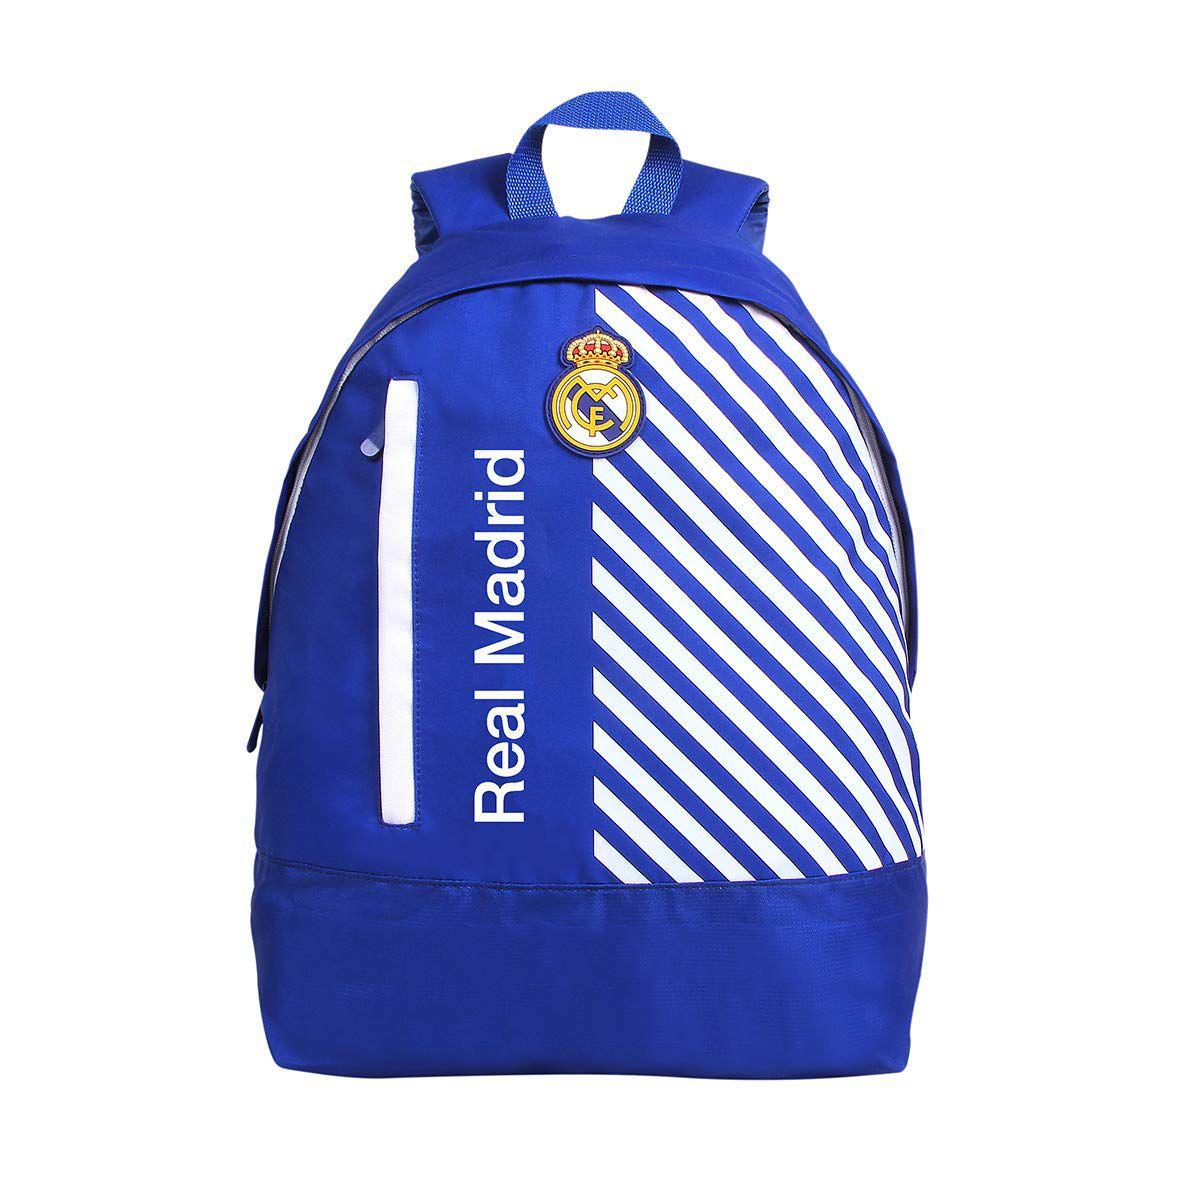 Mochila Real Madrid Original - Licenciado